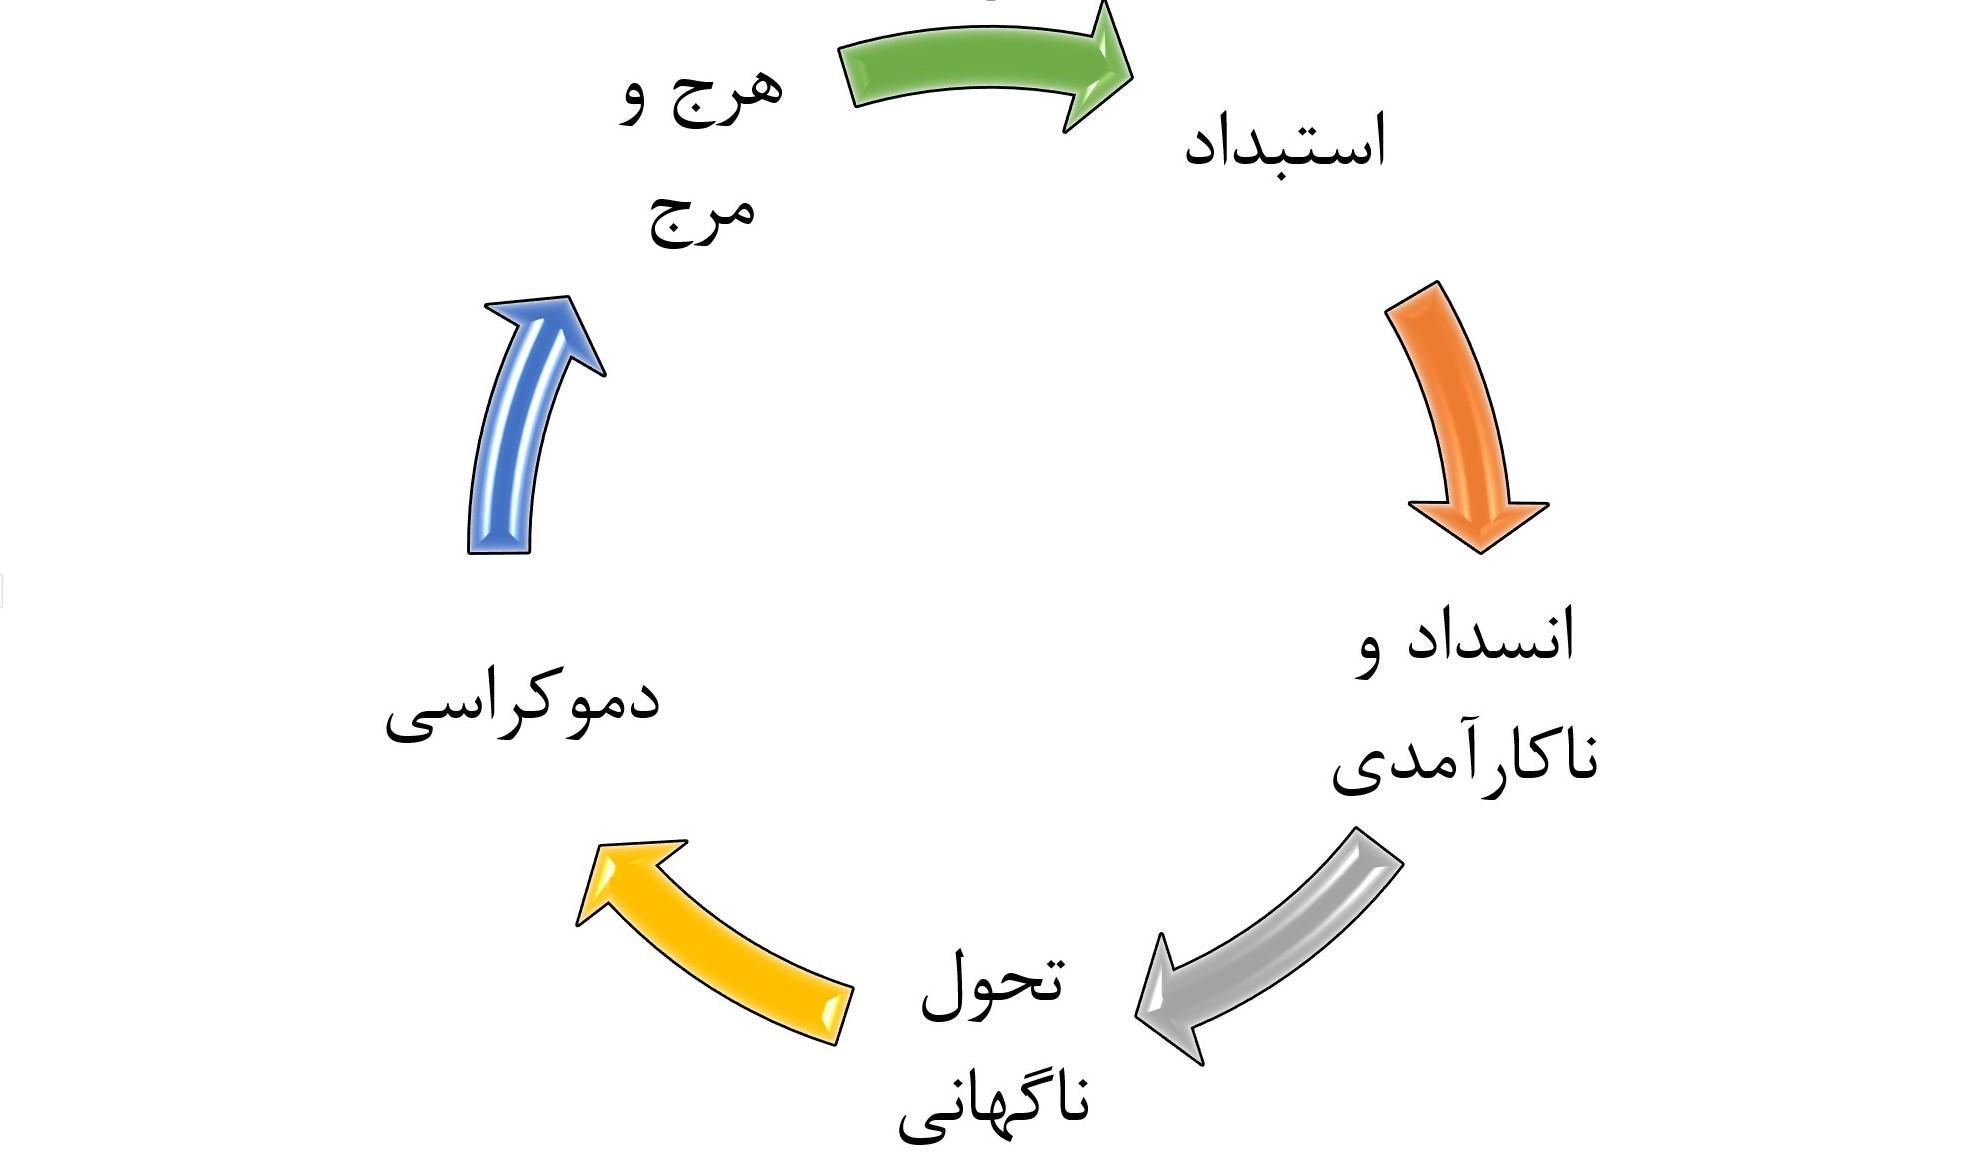 چرخهی دگرگونی نظم سیاسی در ایران پس از مشروطه. انسداد و ناکارآمدی برآمده از ذات استبداد و طرد نخبگان کشور از ساختار تصمیمگیری، همواره زمینهای برای گذار به دموکراسی (هر چند ناپایدار) ایجاد کردهاست.